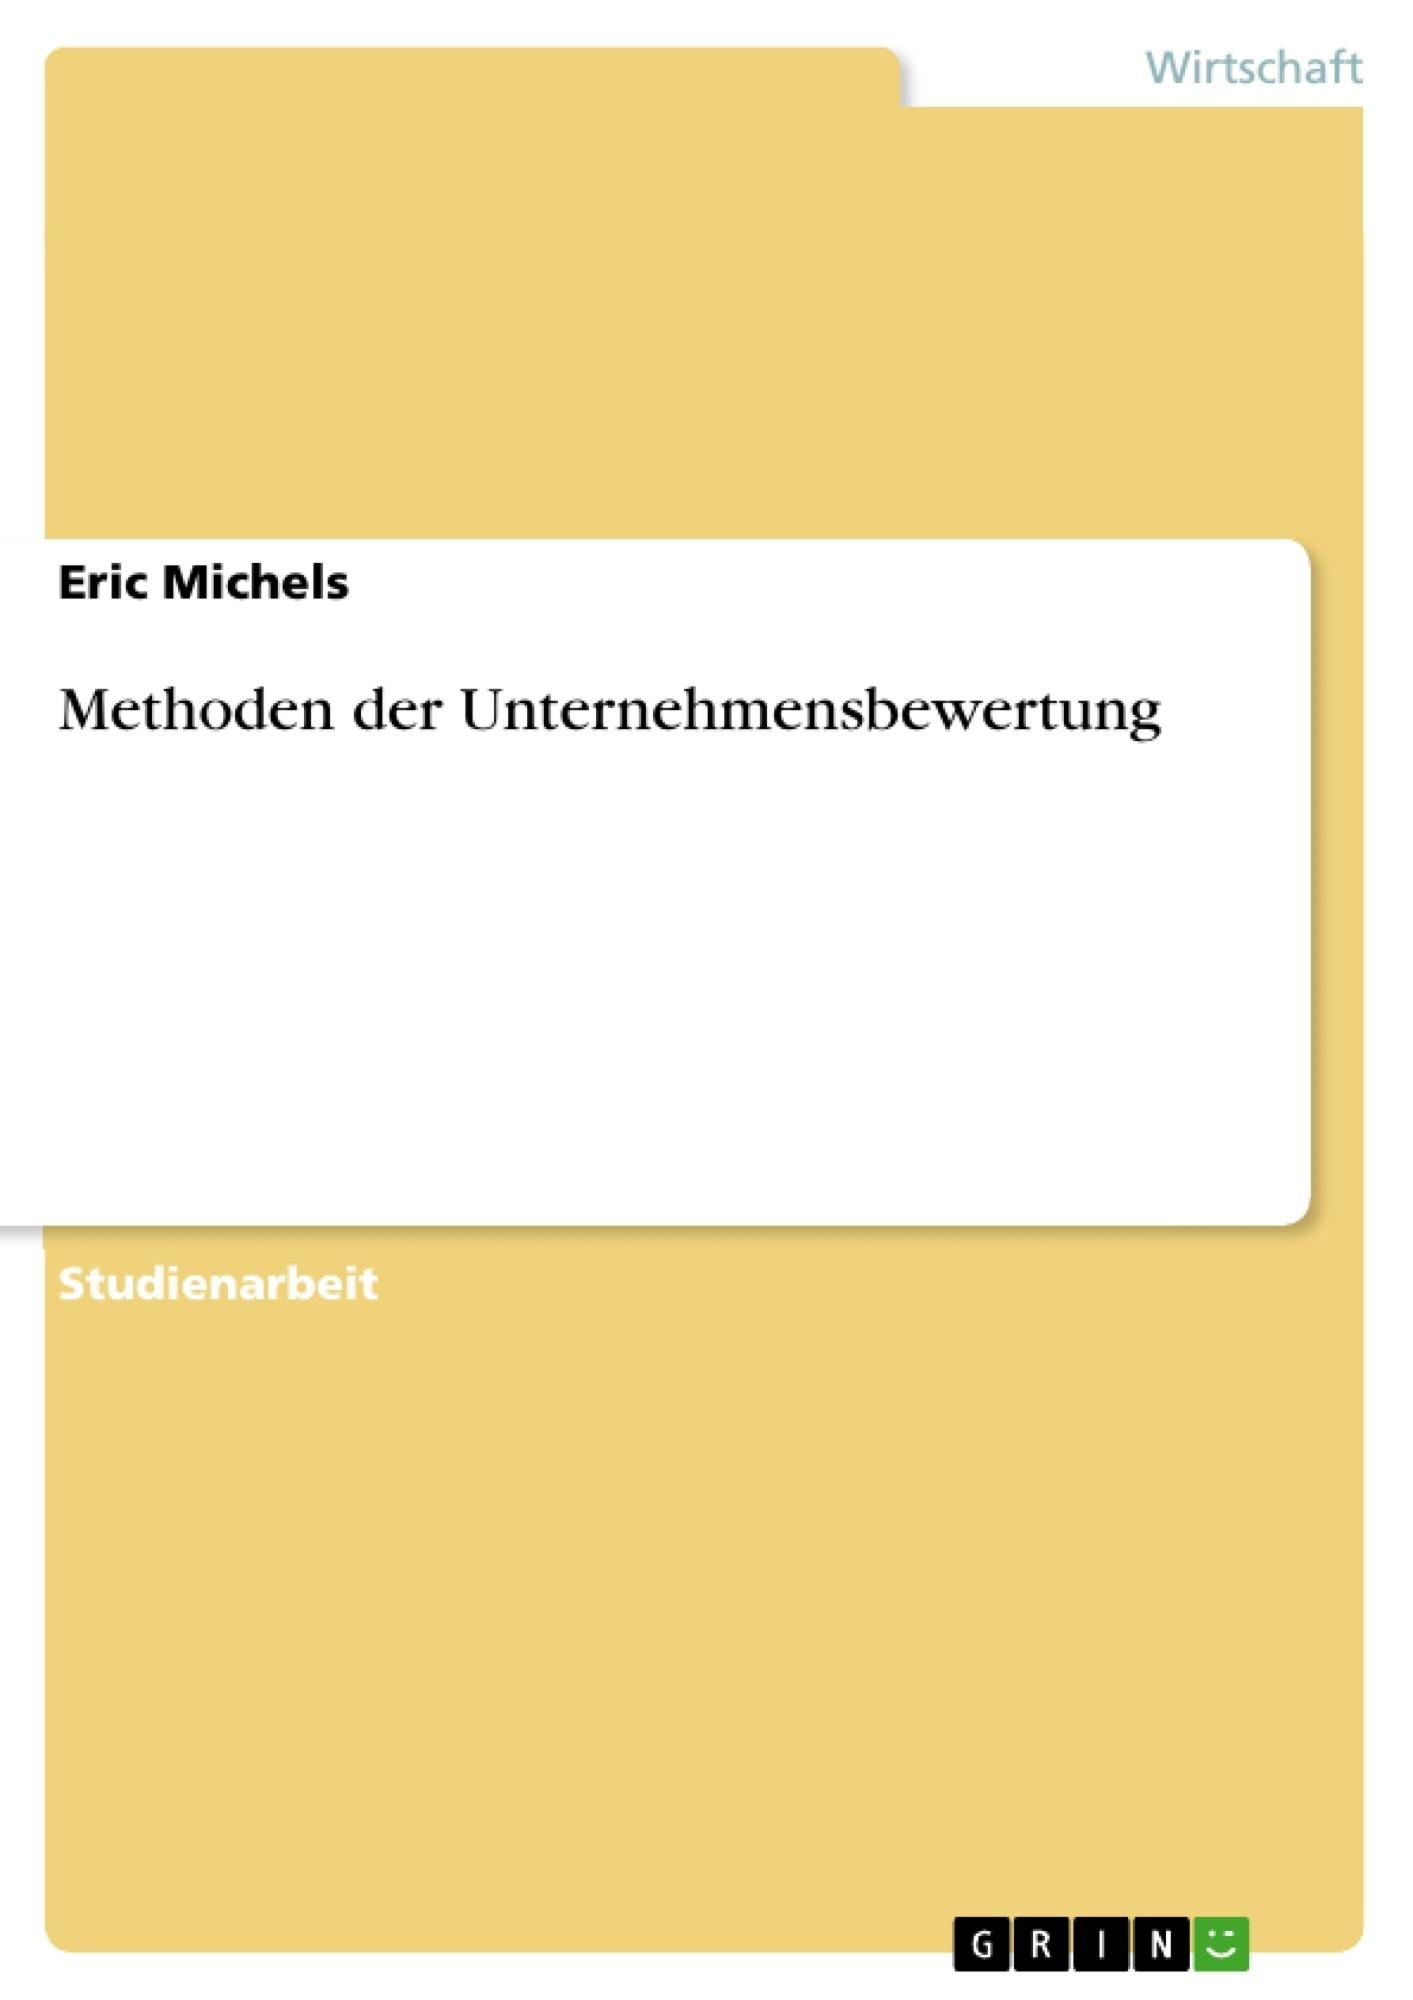 Titel: Methoden der Unternehmensbewertung